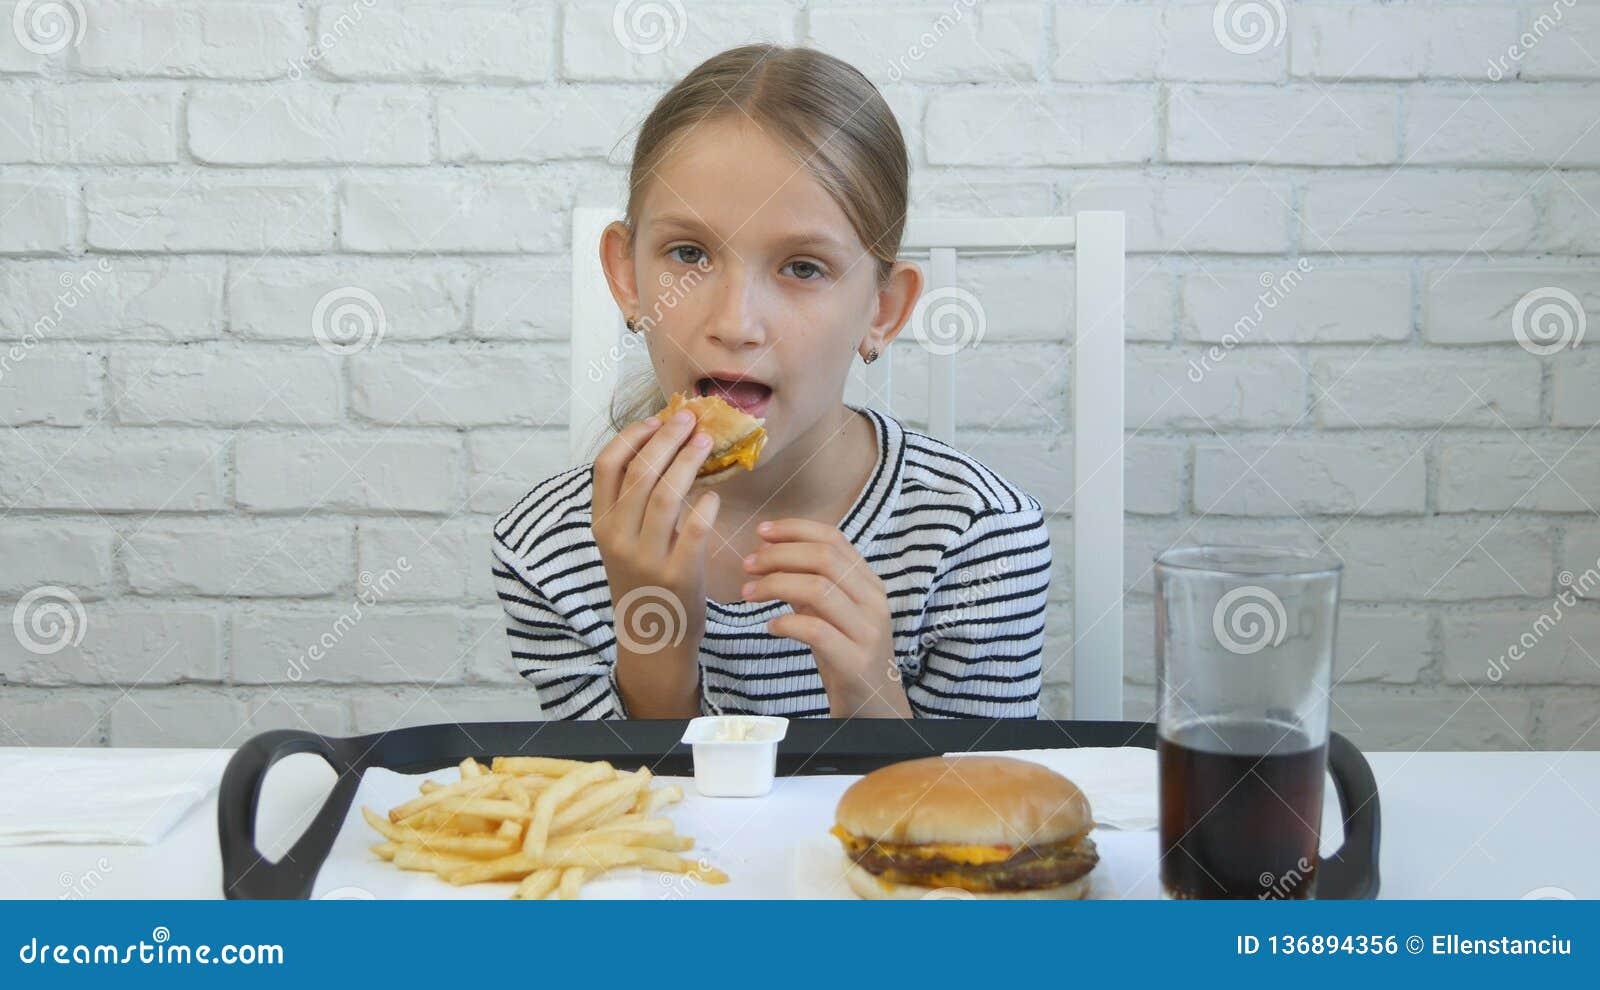 Barn som äter hamburgaren i restaurang, unge och snabbmat, flicka som dricker fruktsaft